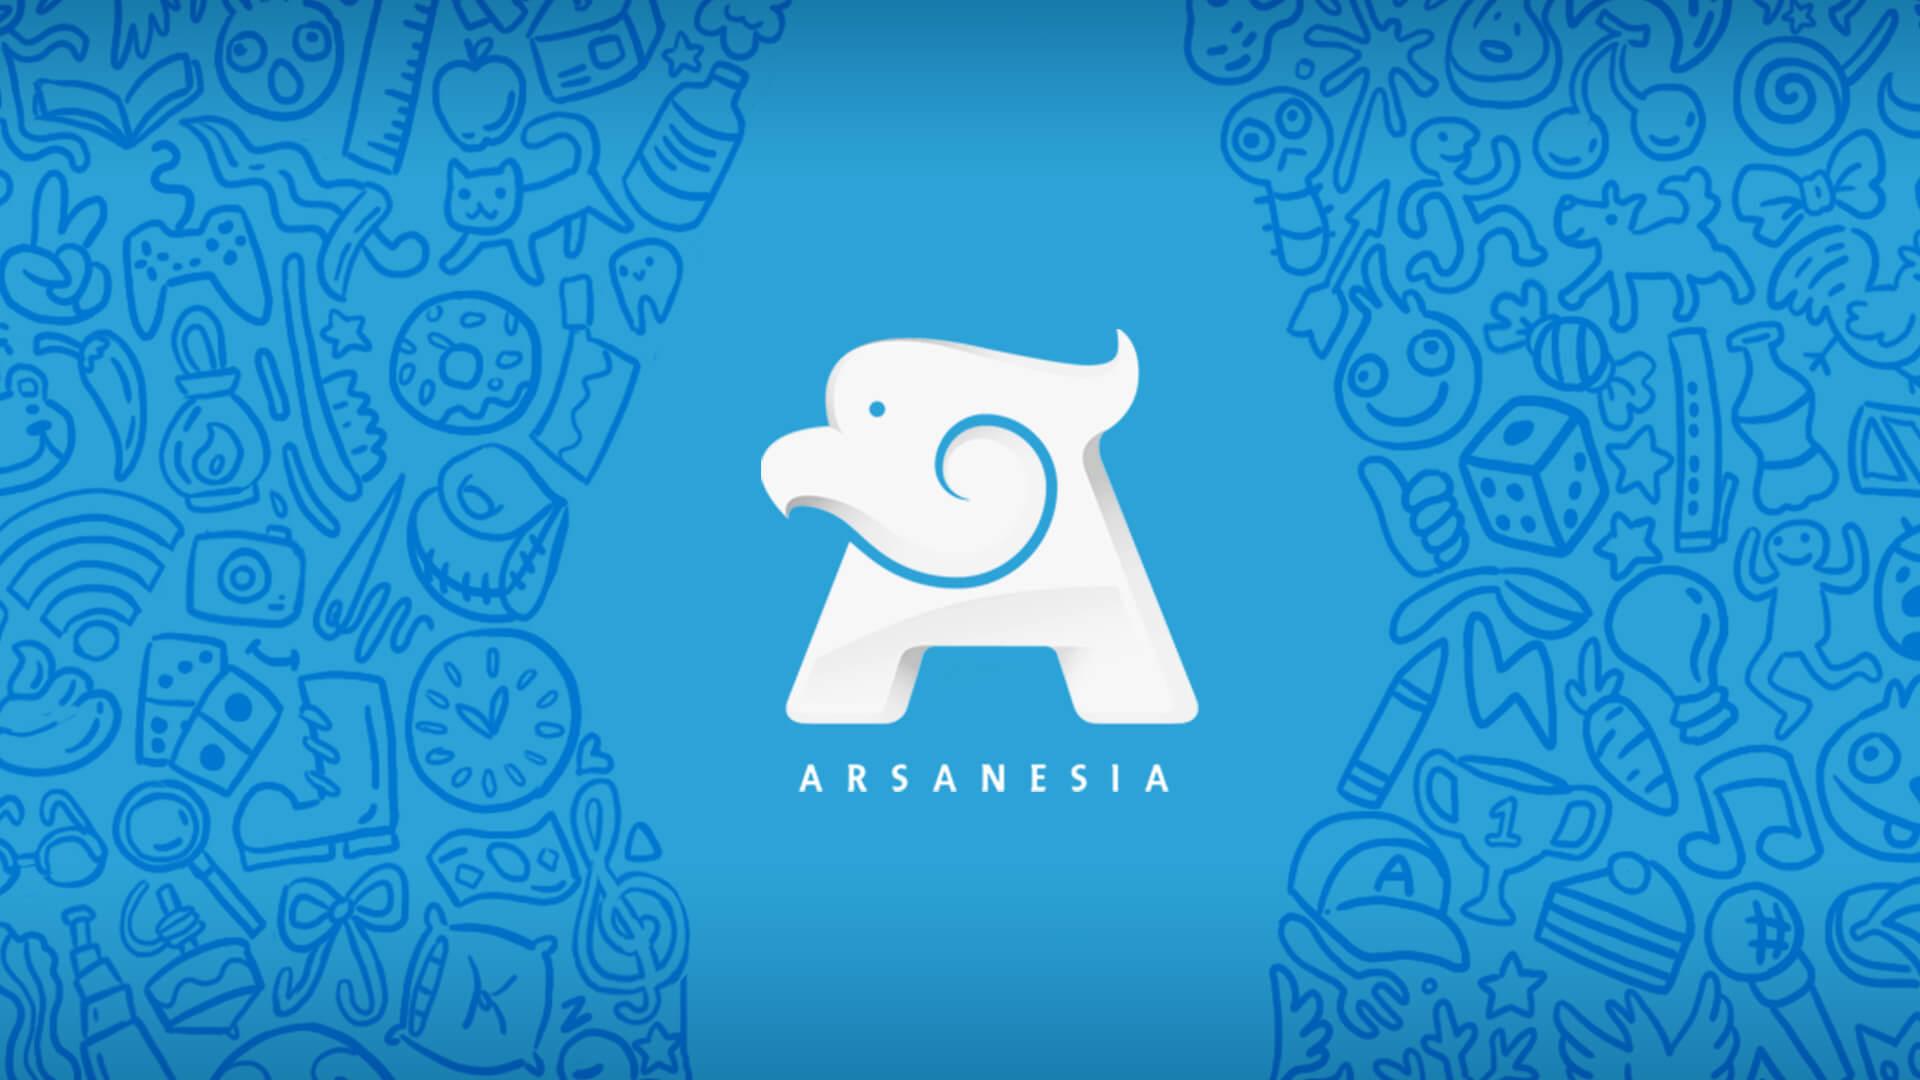 logo arsanesia